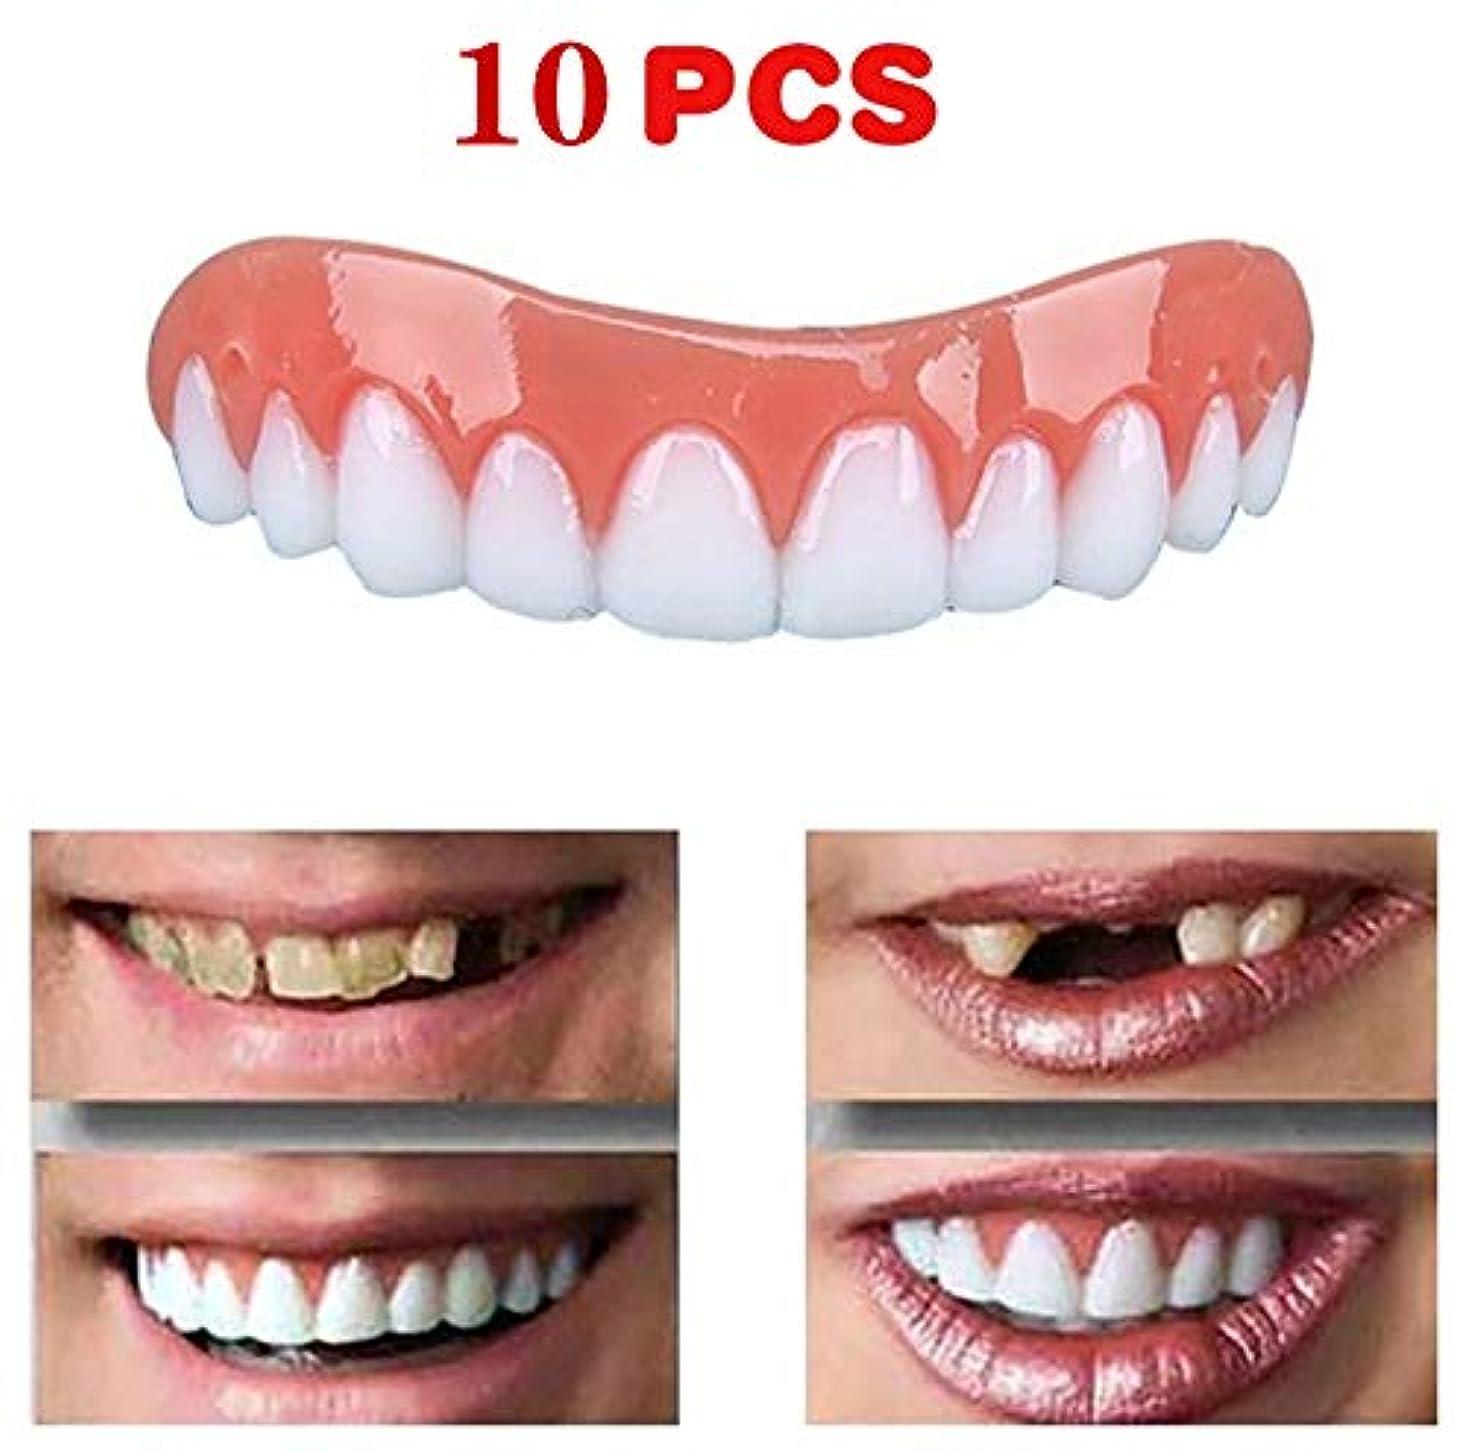 混合したサポート気取らない10ピース新しい再利用可能な大人のスナップオンパーフェクトスマイルホワイトニング義歯フィットフレックス化粧品歯快適な突き板カバーデンタルケアアクセサリー